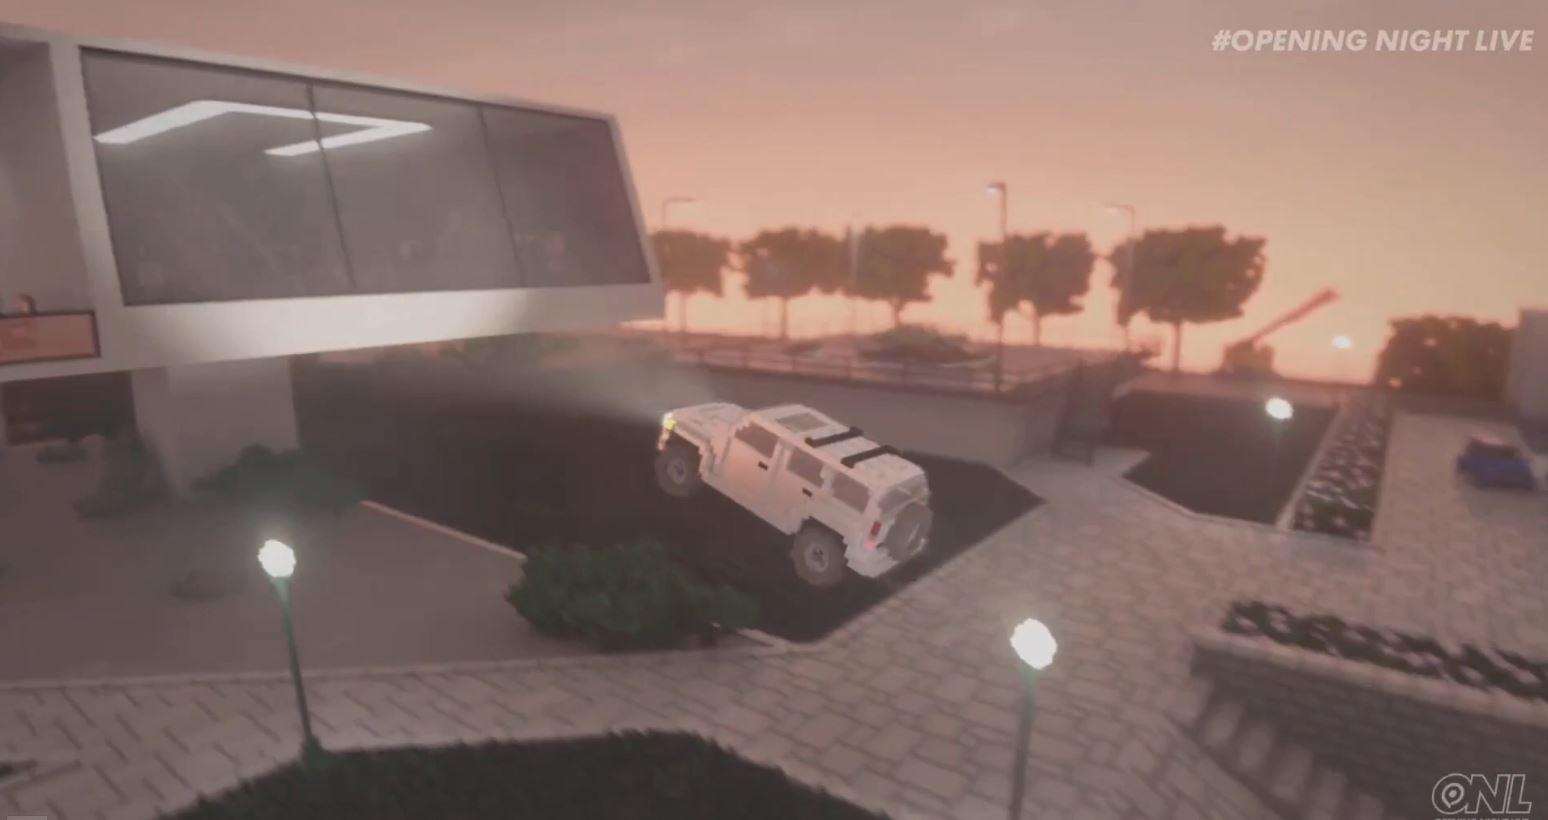 科隆游戏展:像素风破坏游戏《拆迁》实机演示释出